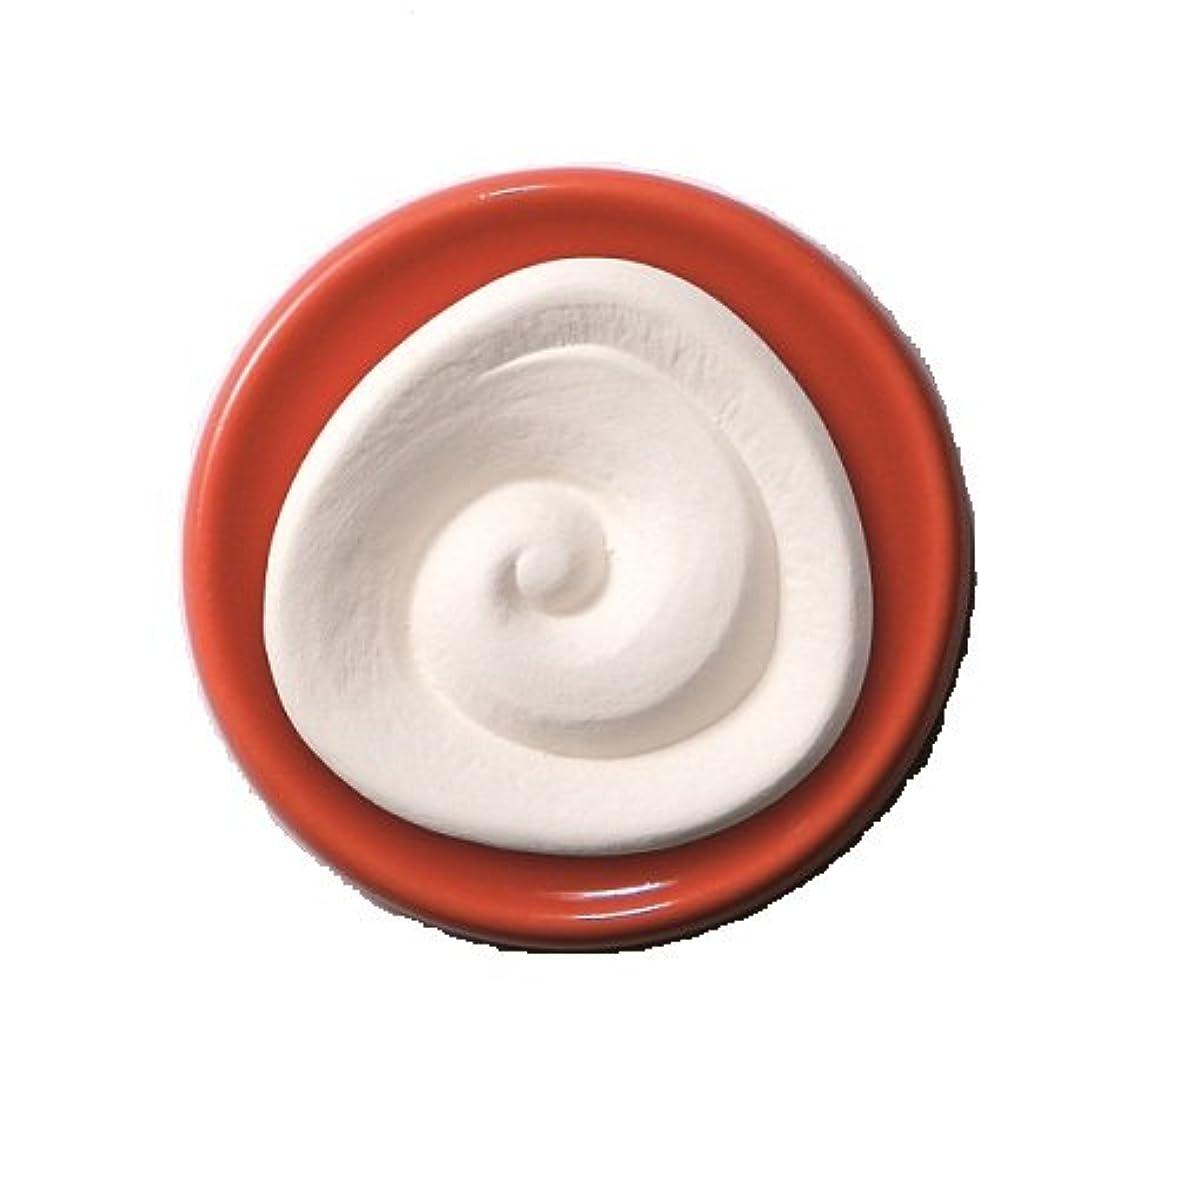 周囲医薬中絶Neumond(ノイモンド)香りの小皿 スパイラル